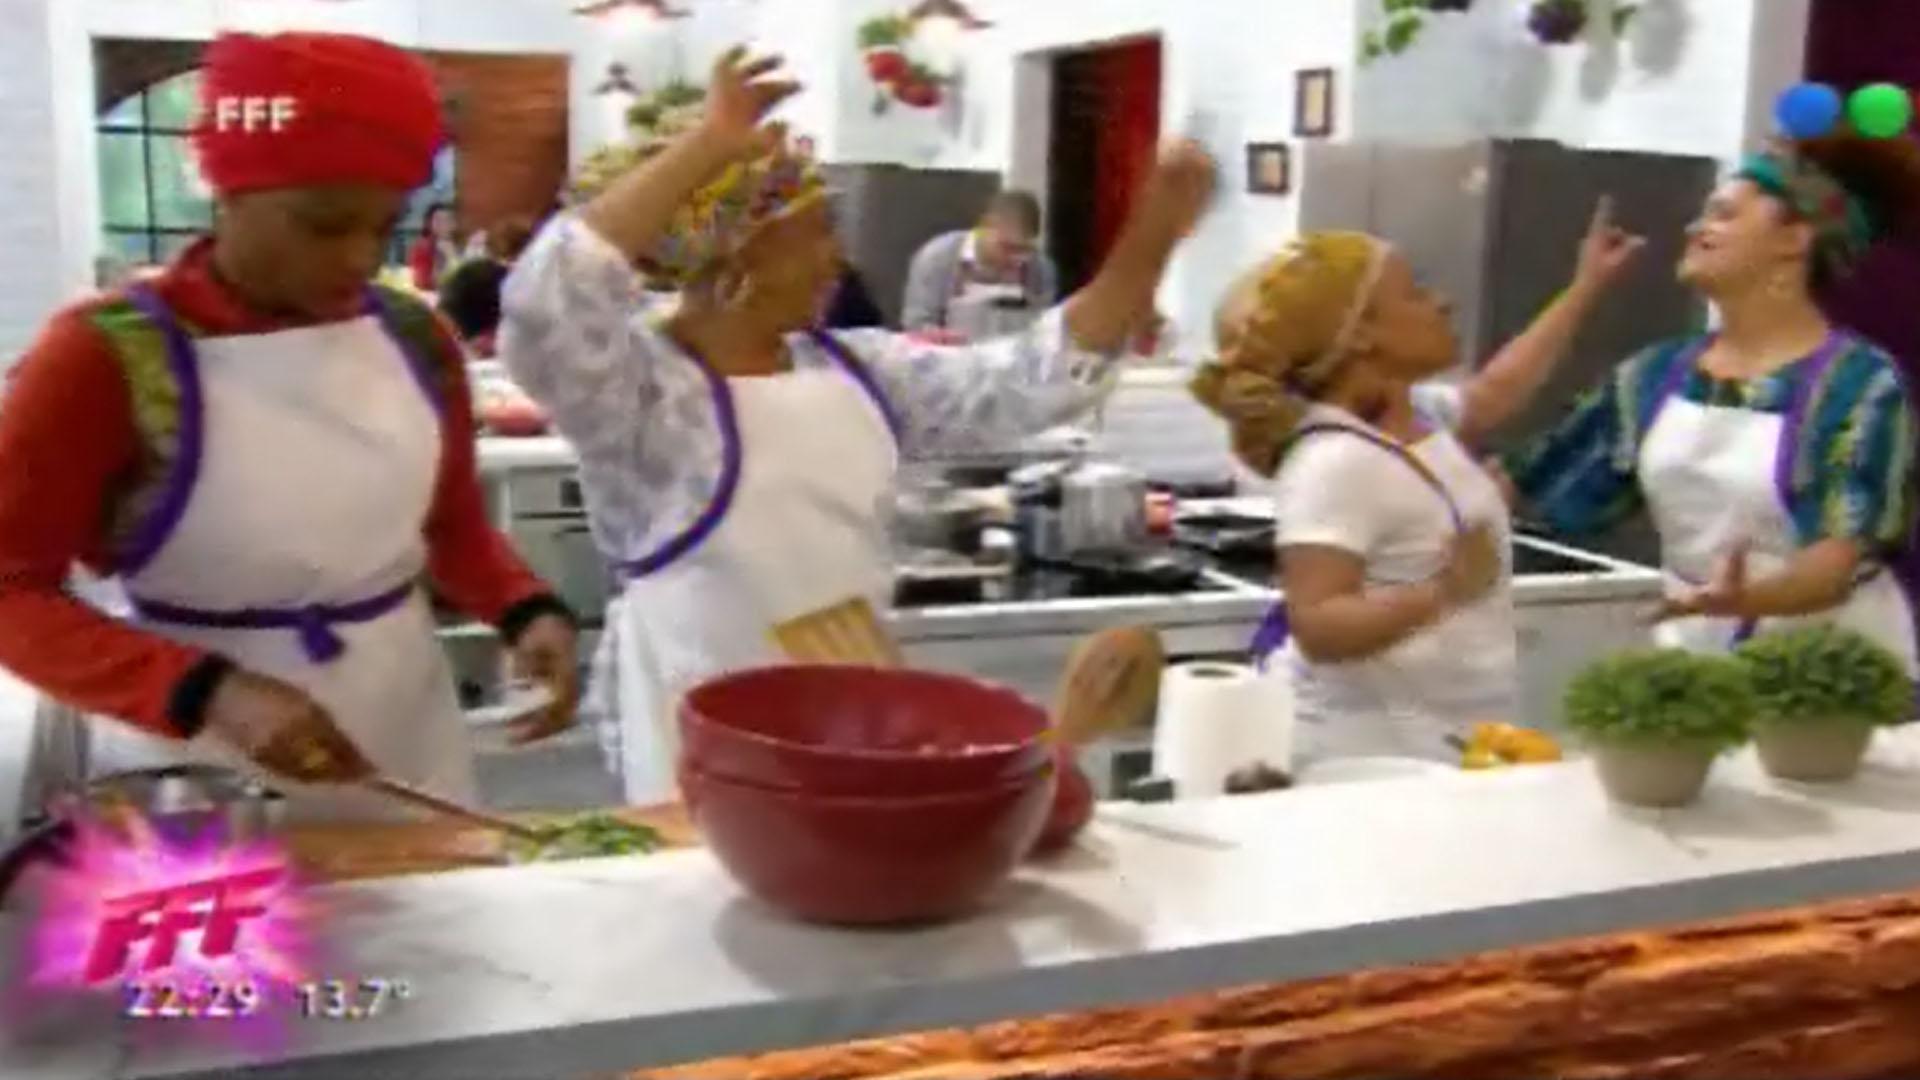 """El imperdible método de cocina del equipo brasileño en """"Familias frente a frente"""": caipirinha, samba y mucho humor"""